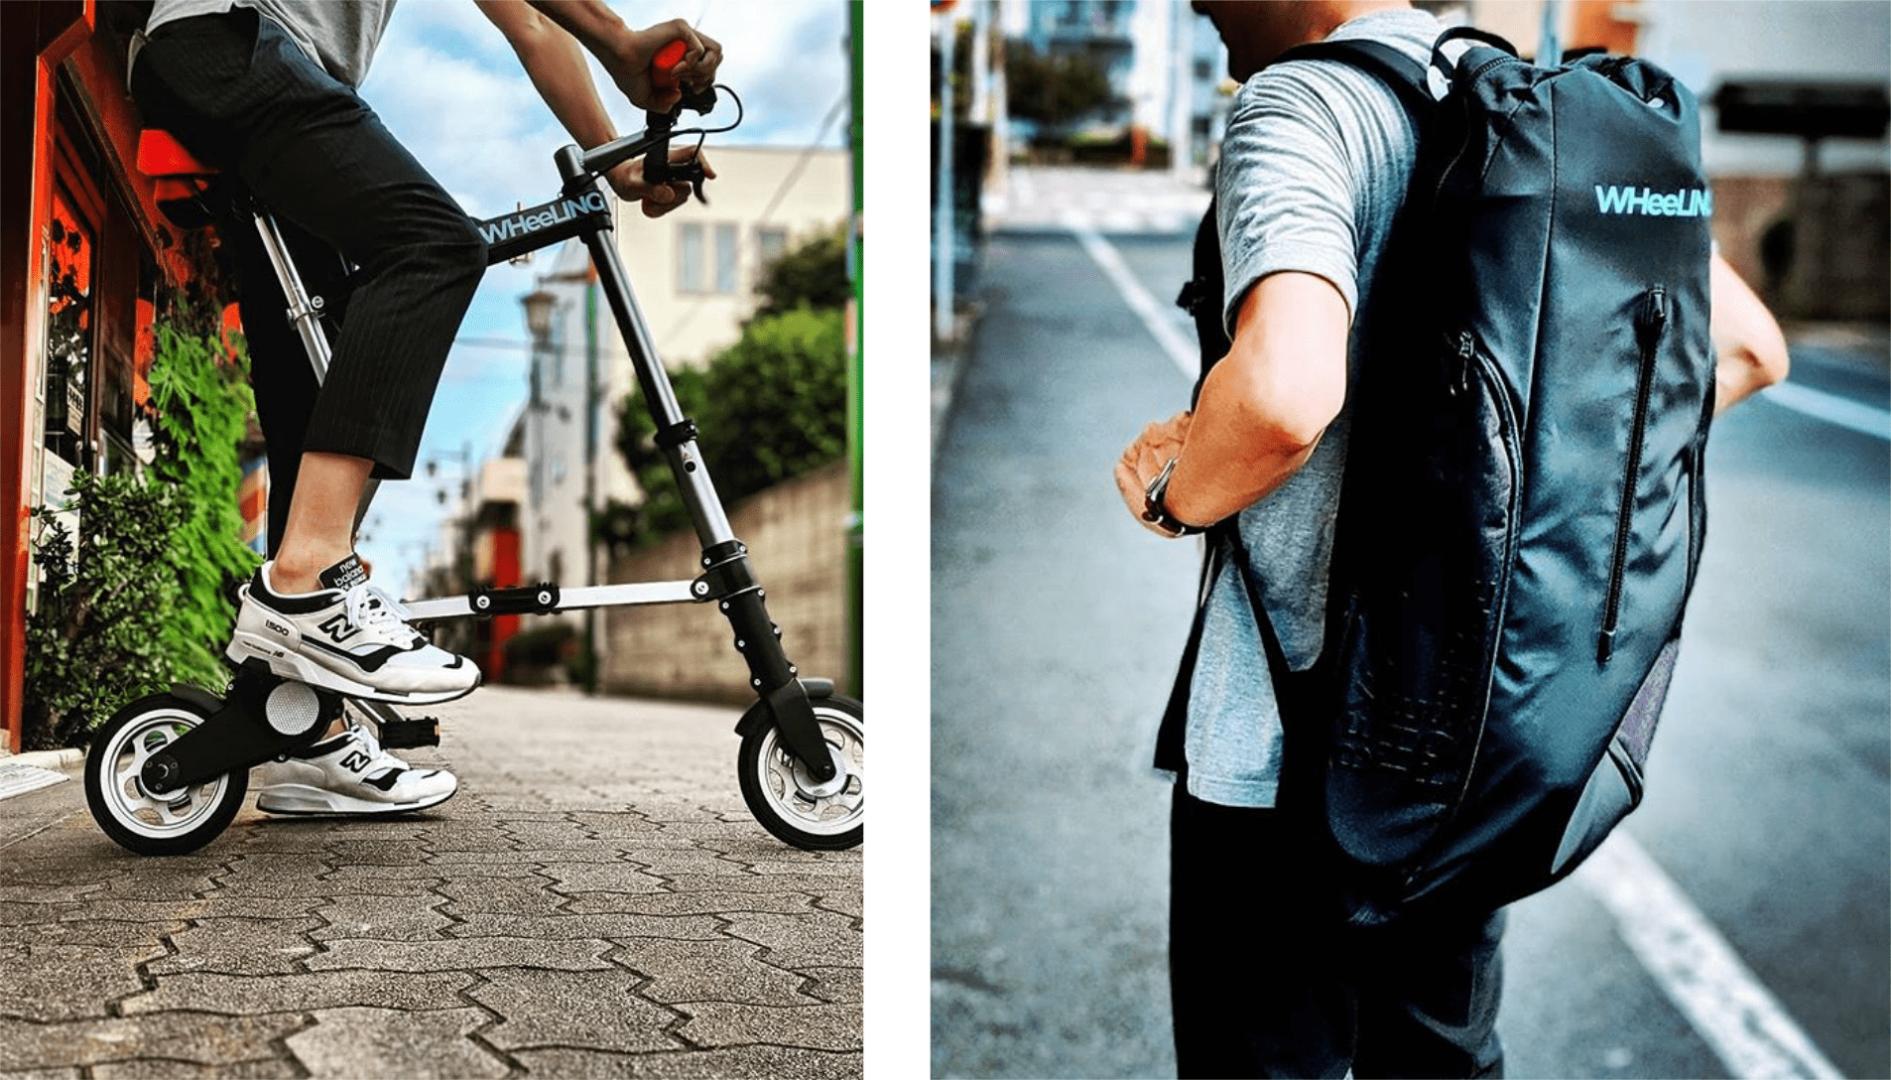 日本国内配送|携帯型自転車 A-Bike レンタルサービス予約|東京23区ホテル / 全国各地へお届け